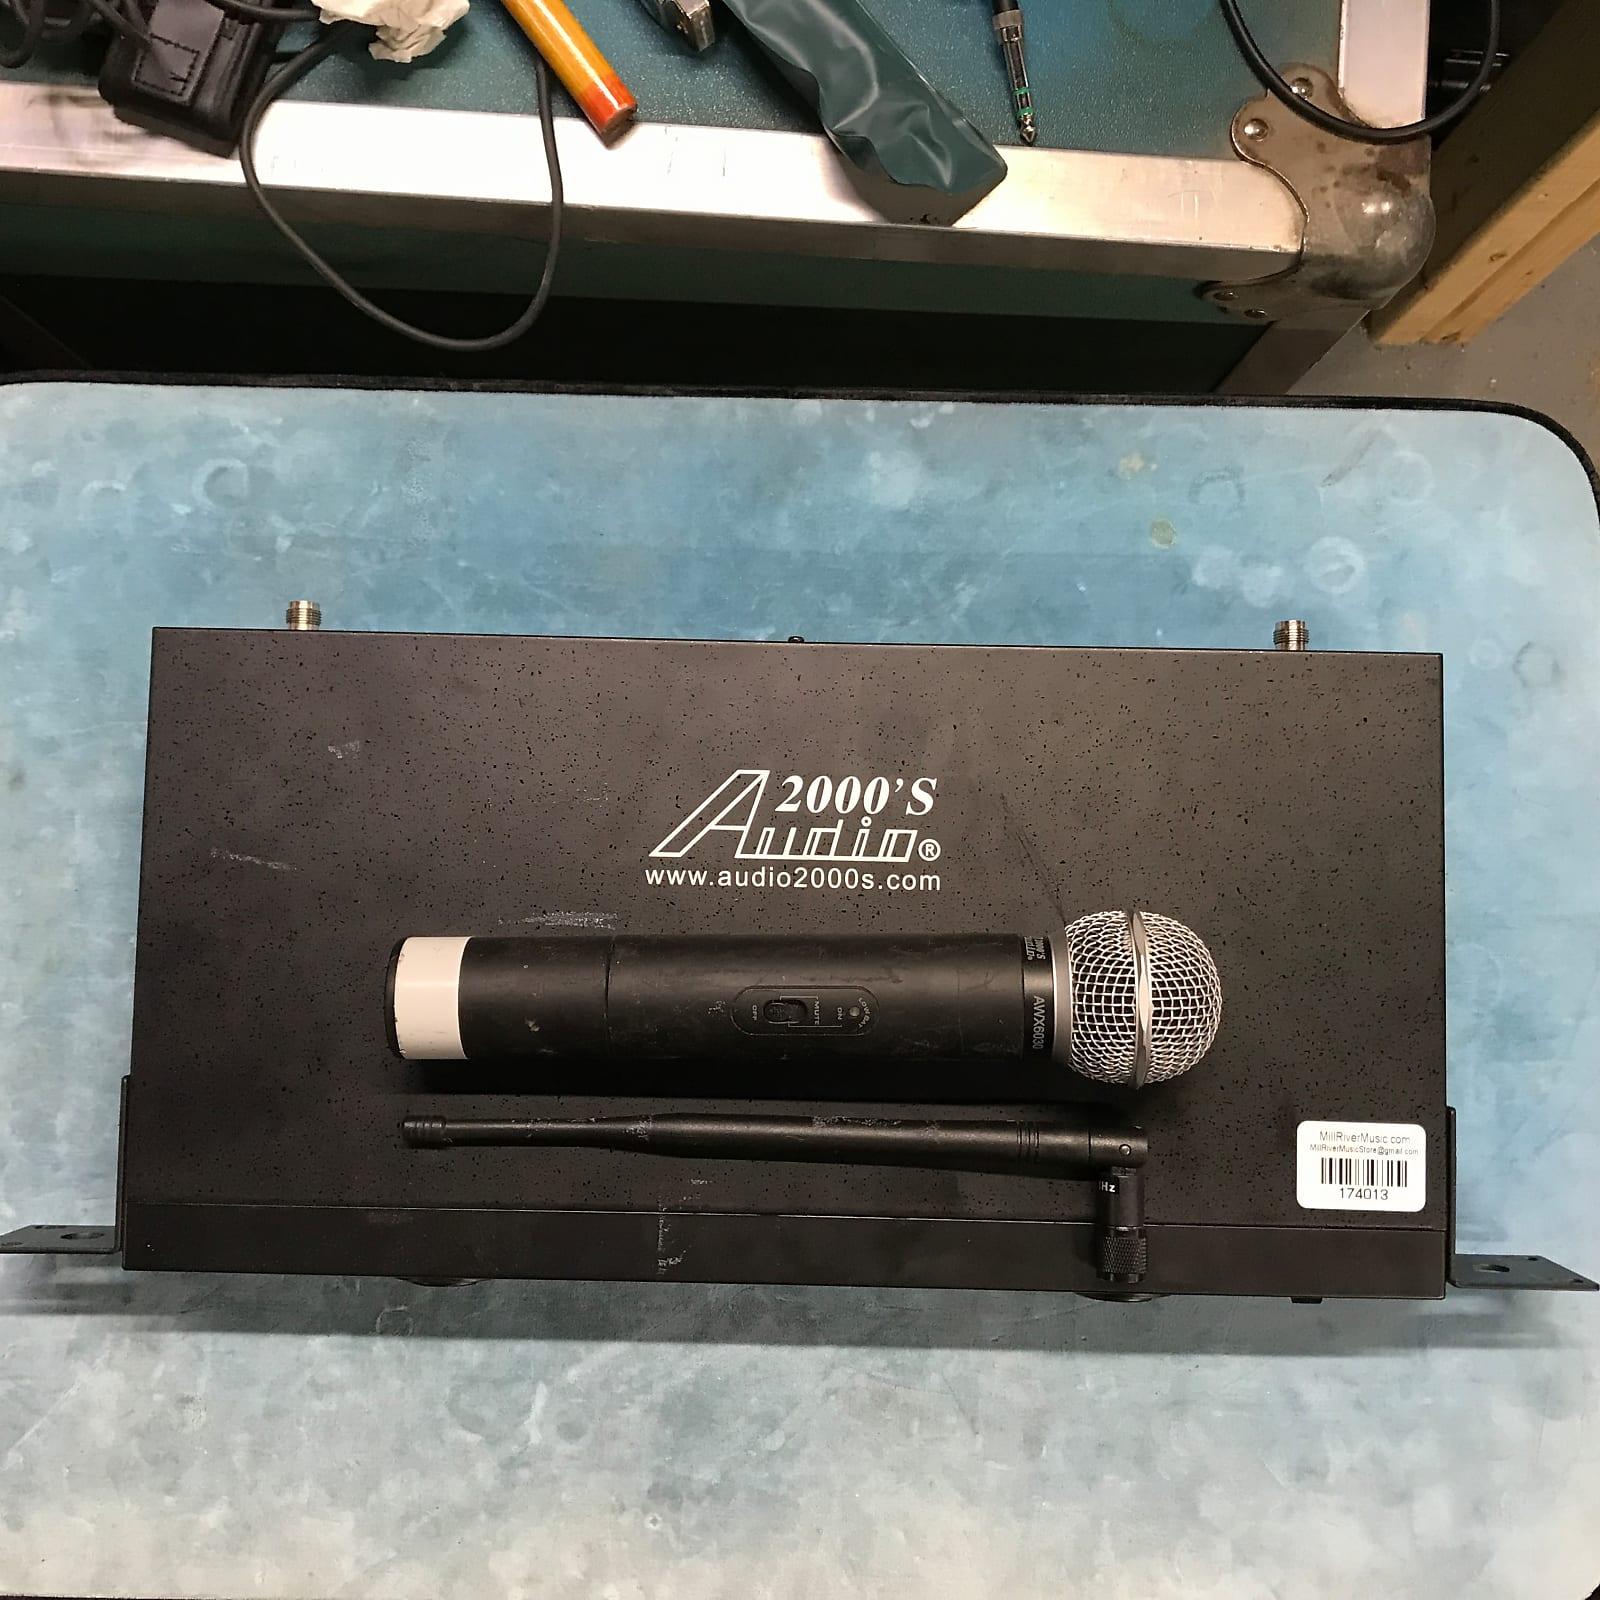 Audio2000's AWM6012U Wireless Microphone System w/ Receiver & AWX6030 Mic